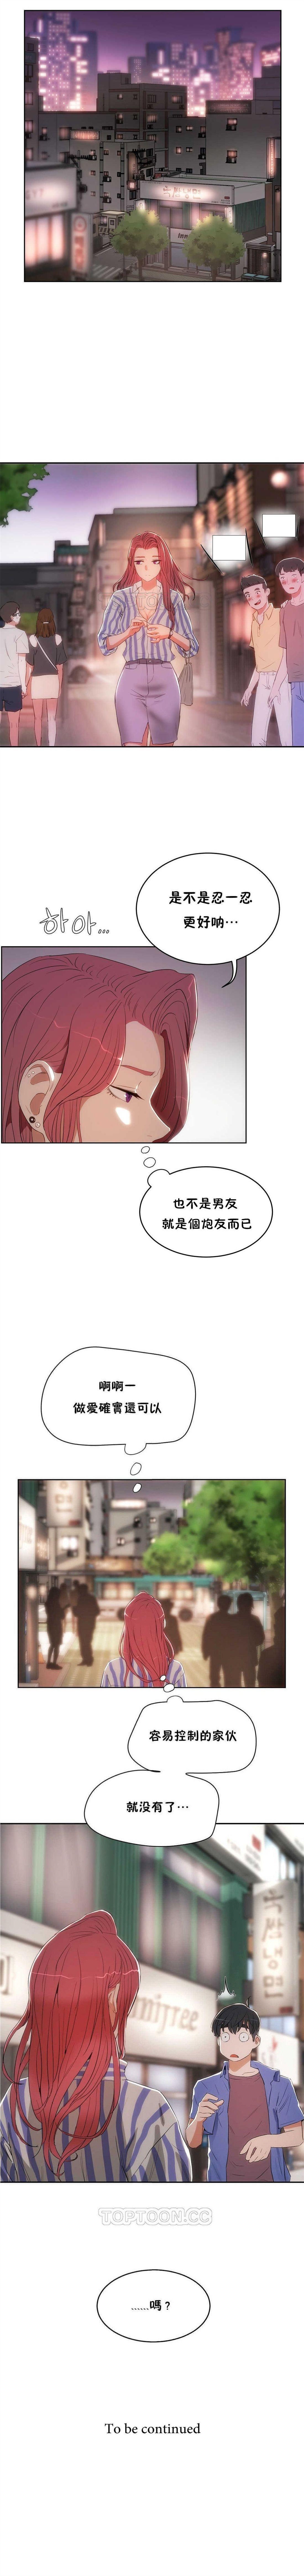 性教育 1-48.5 中文翻译(完結) 82